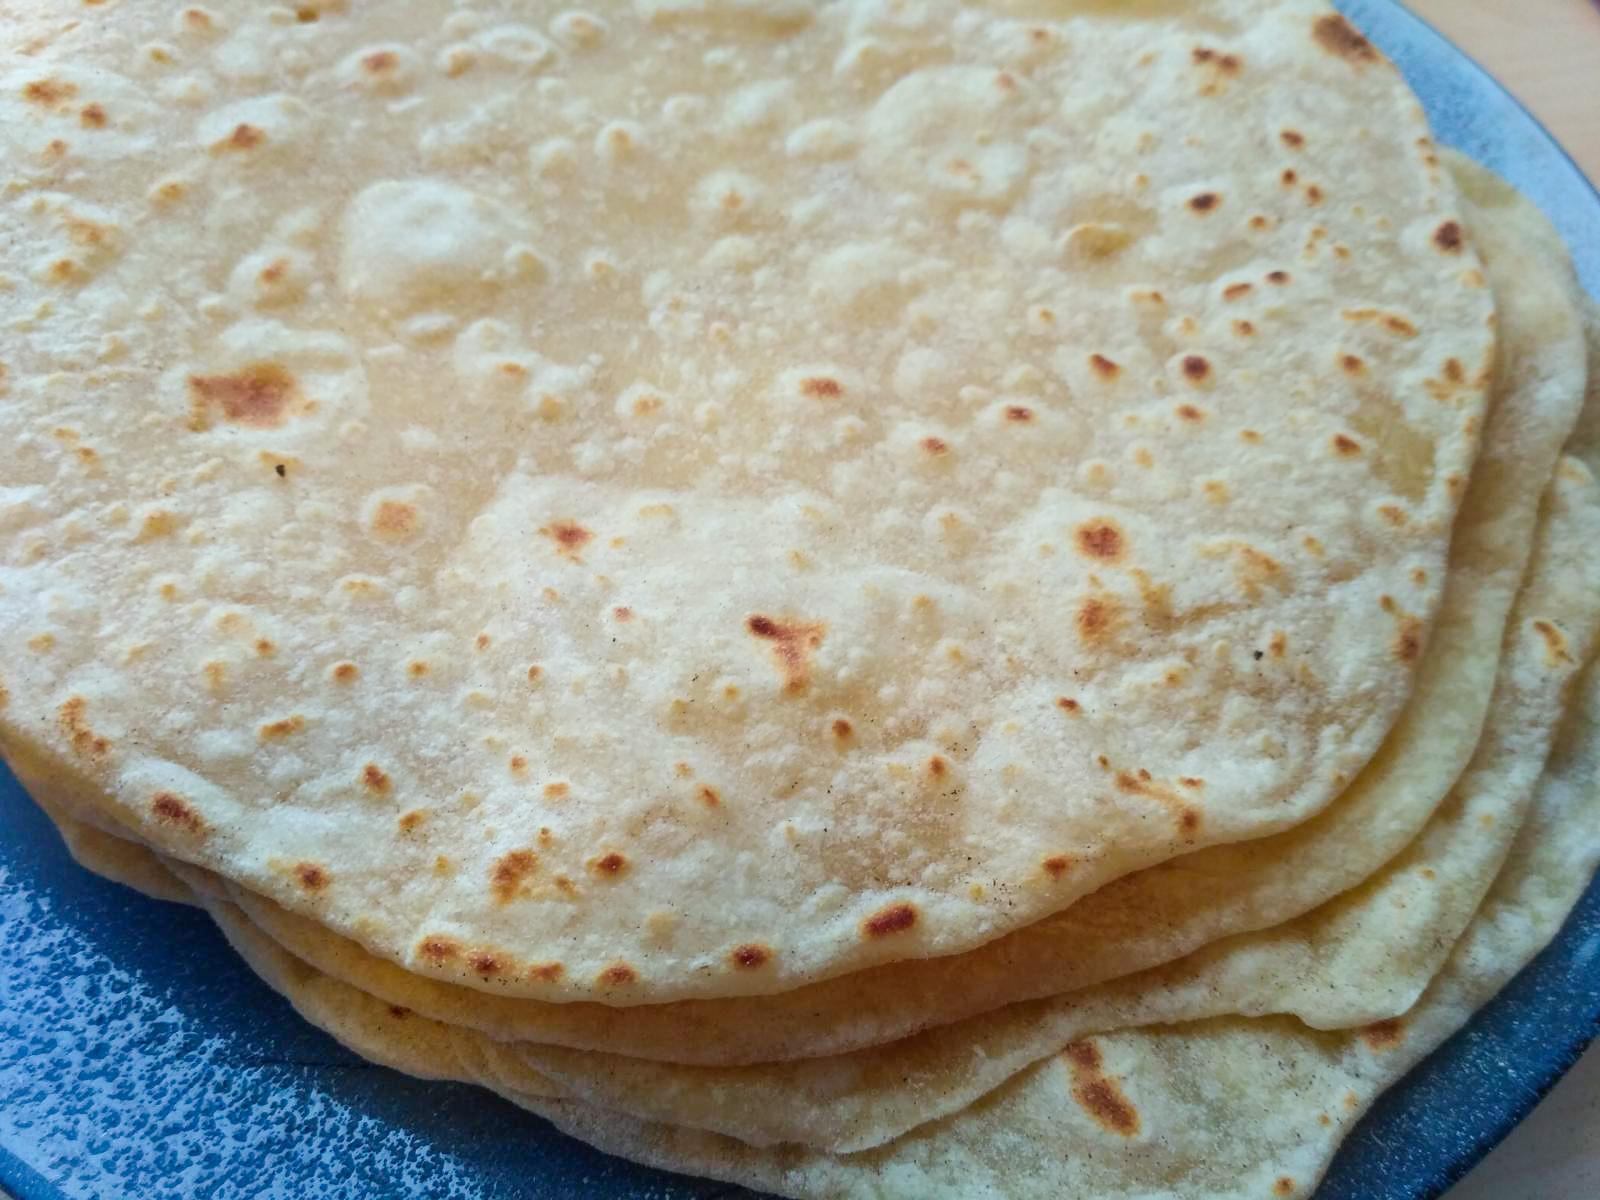 Tortilla lap